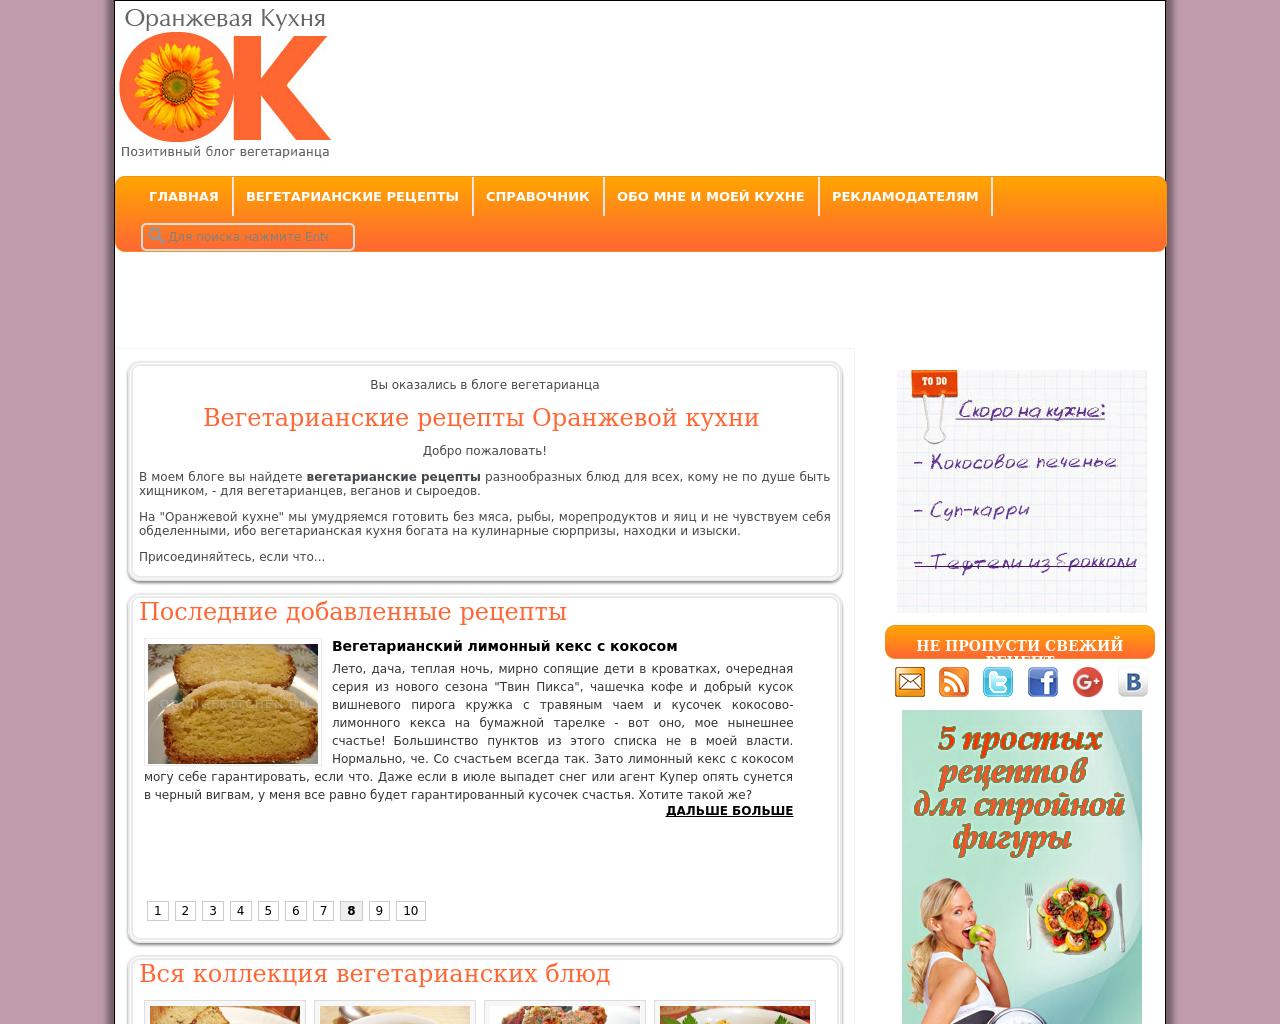 orangekitchen.ru-Advertising-Reviews-Pricing